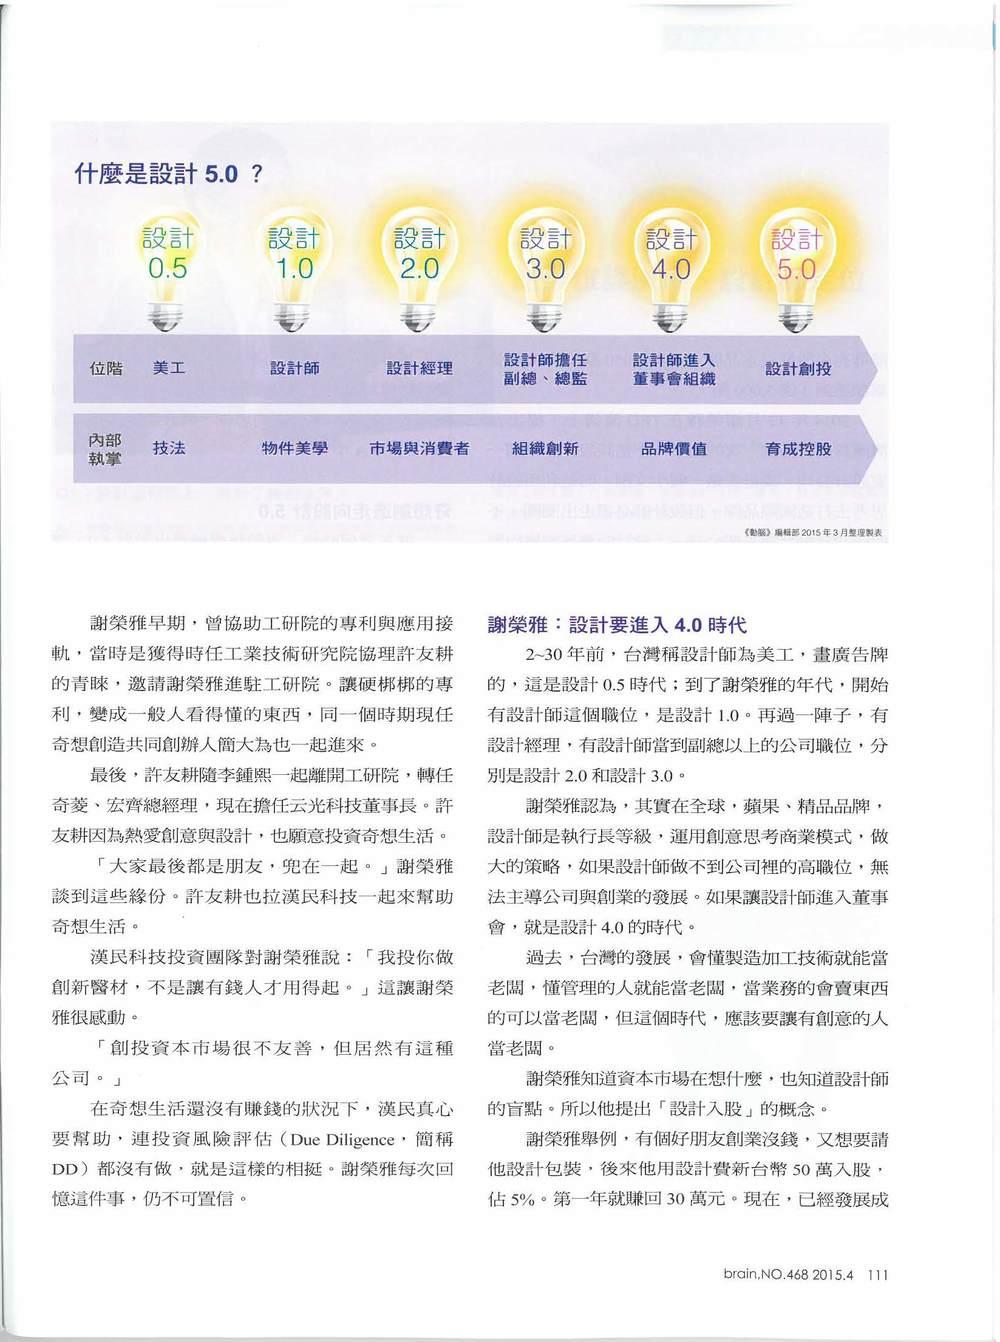 奇想創造 邁向設計5.0_動腦雜誌_2015.04月-4.jpg